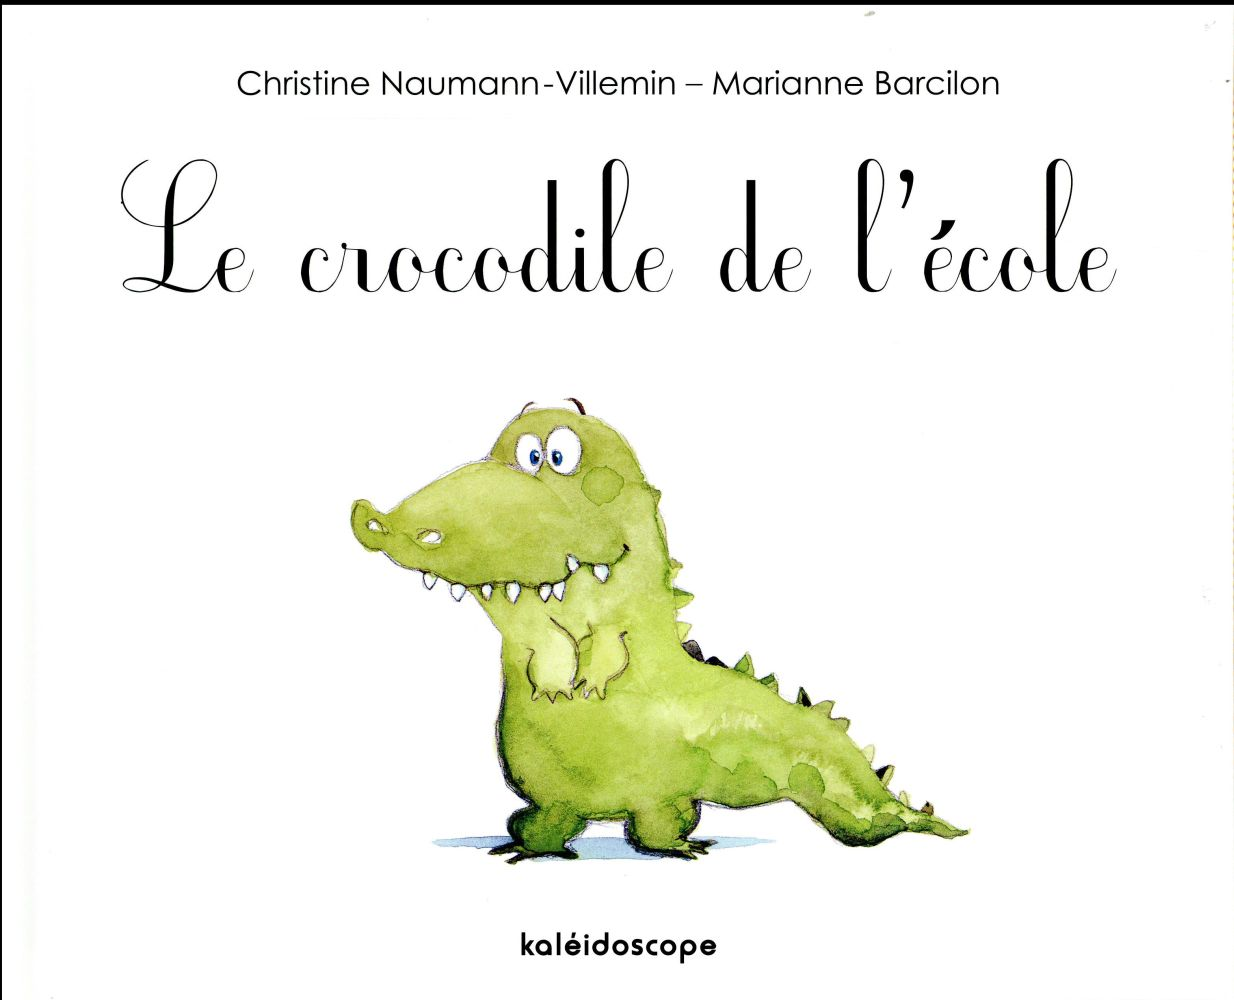 Le crocodile de l'école